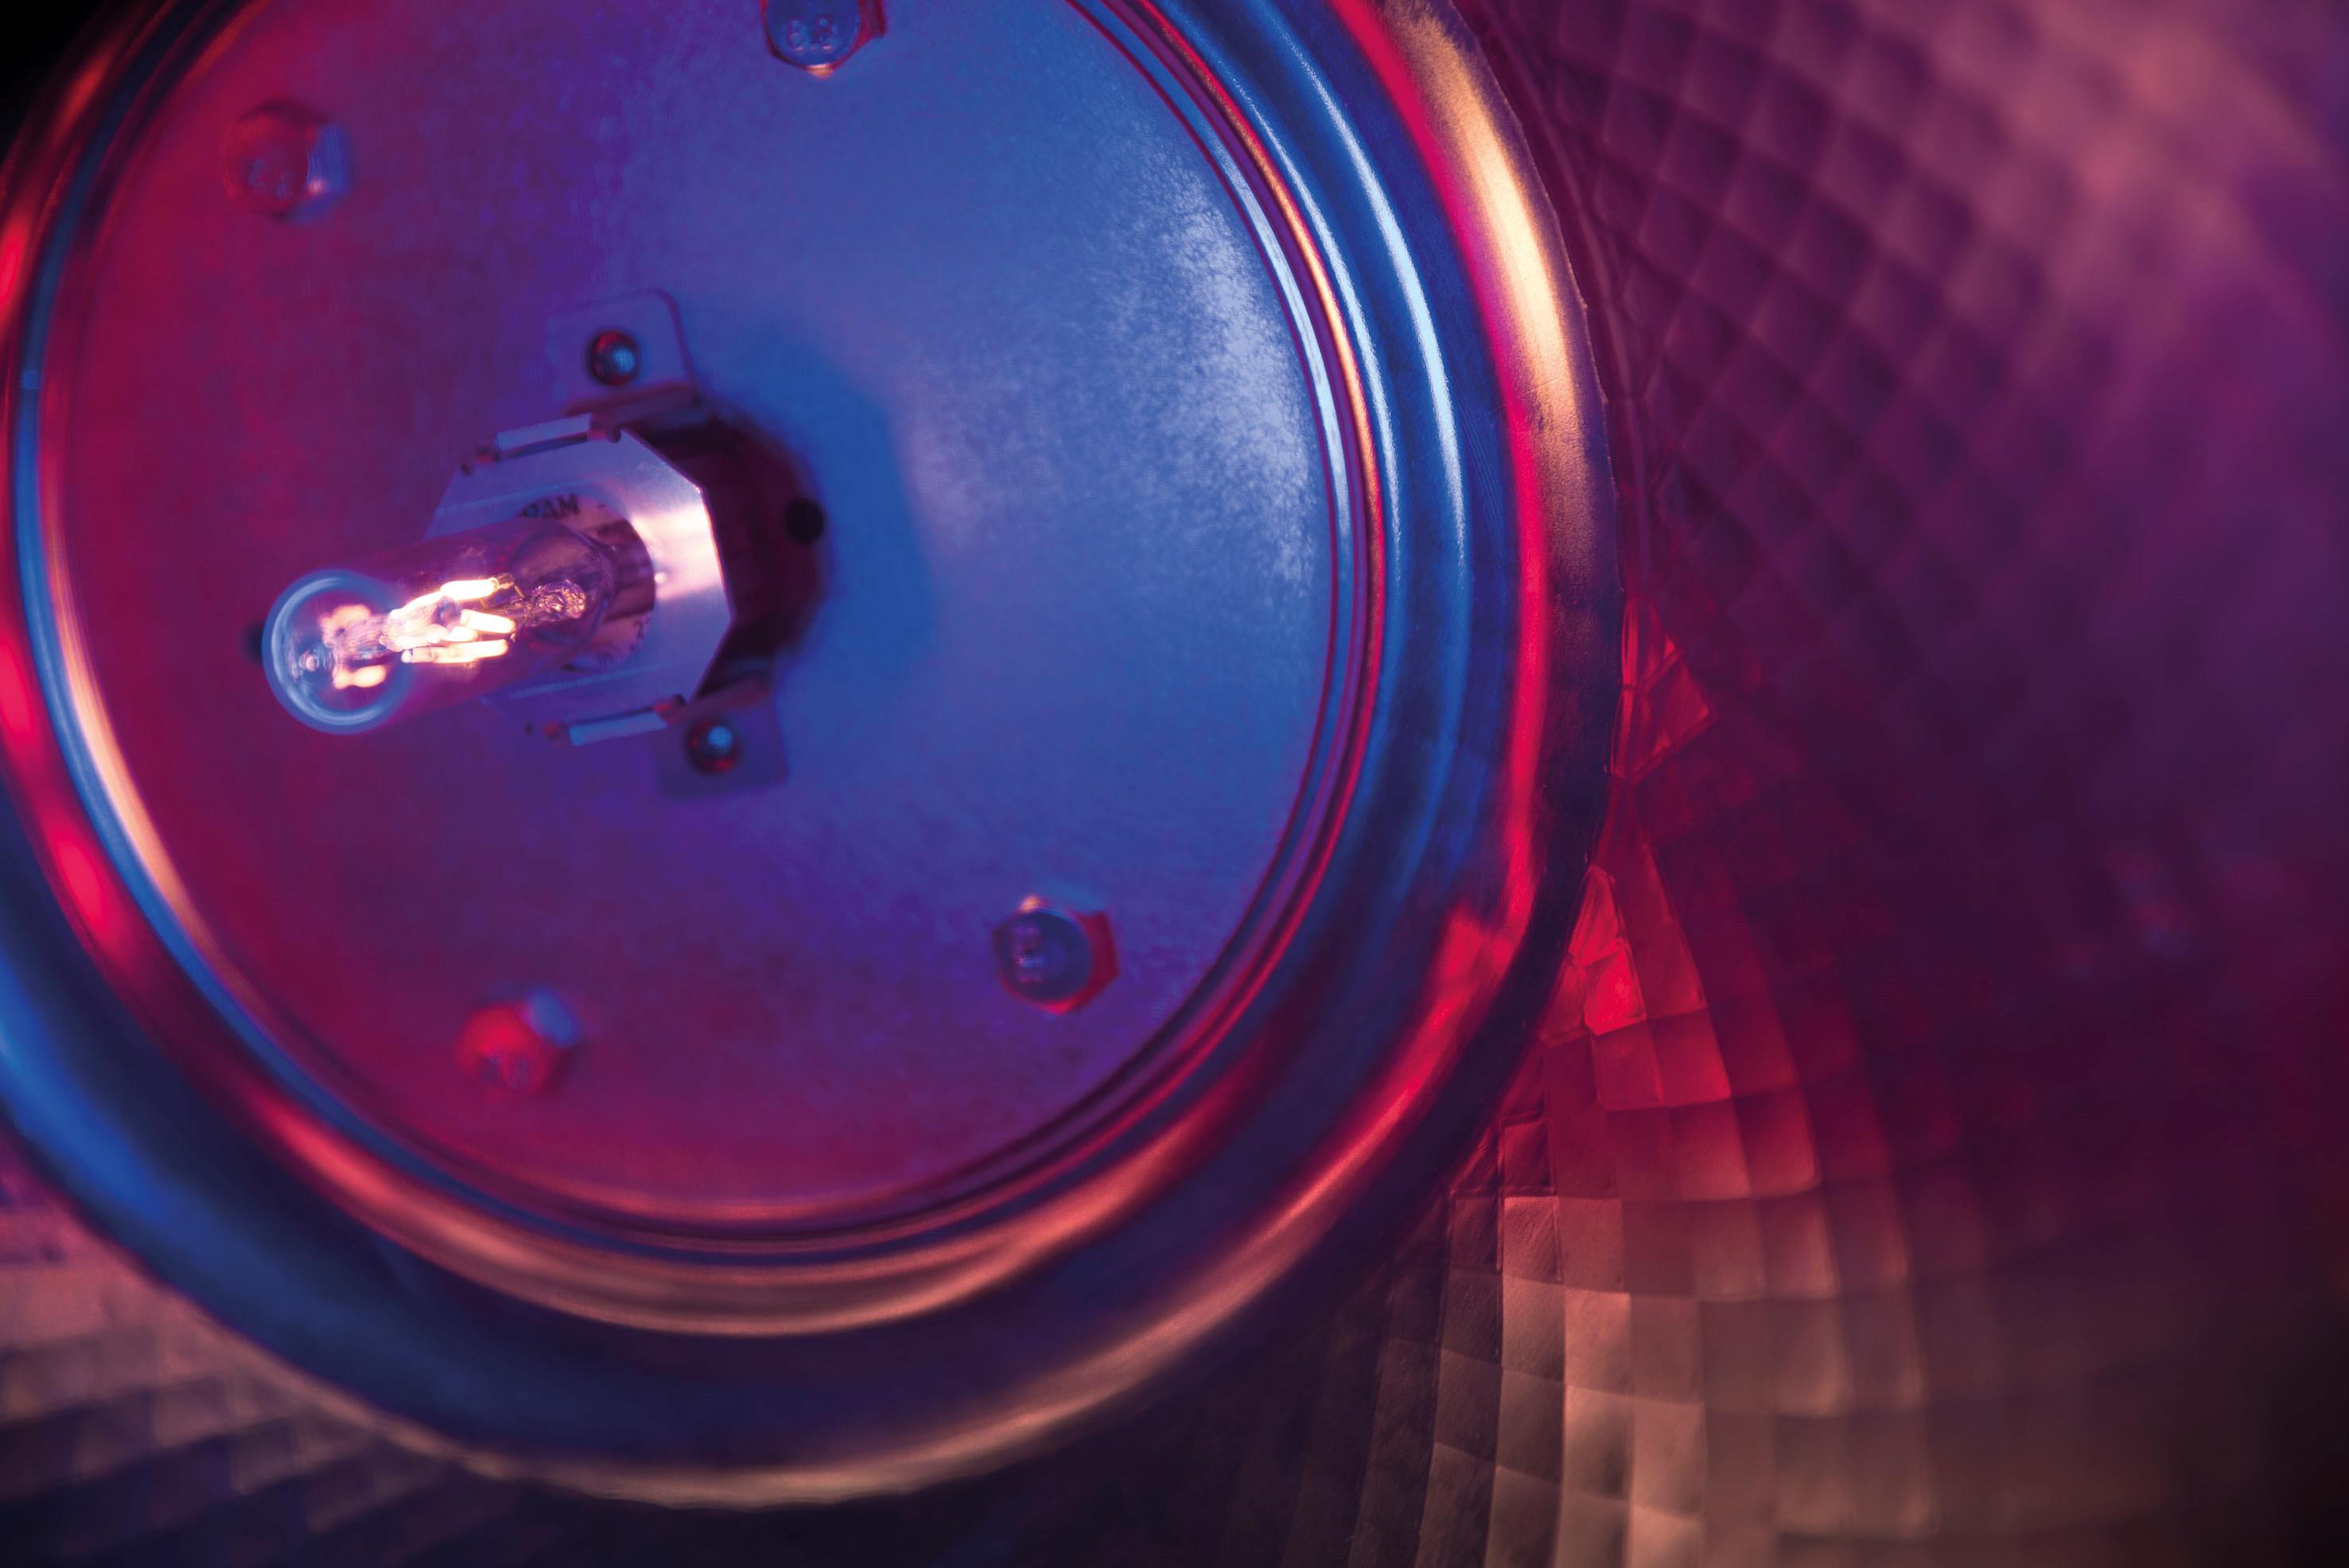 Showtec Vintage Blaze 33 300w Rgb Led Controller 12v Fr Stripes Mit Tollen Effekten Inkl